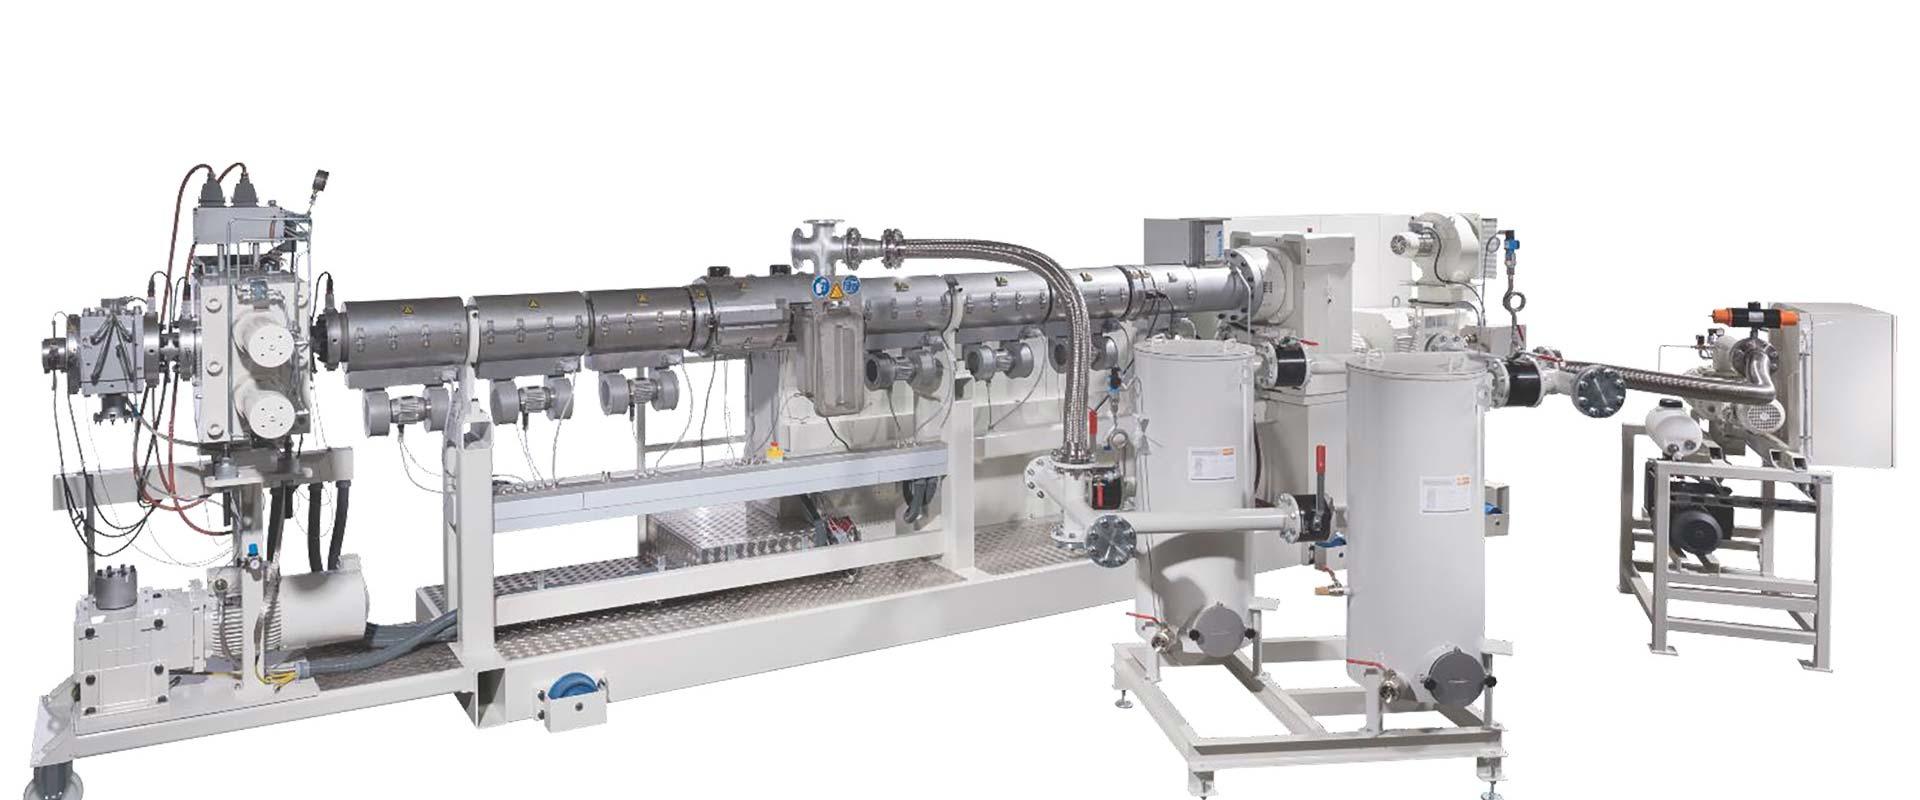 Machinery BattenFeld Concinatti Extrusion | GreenTech Machinery